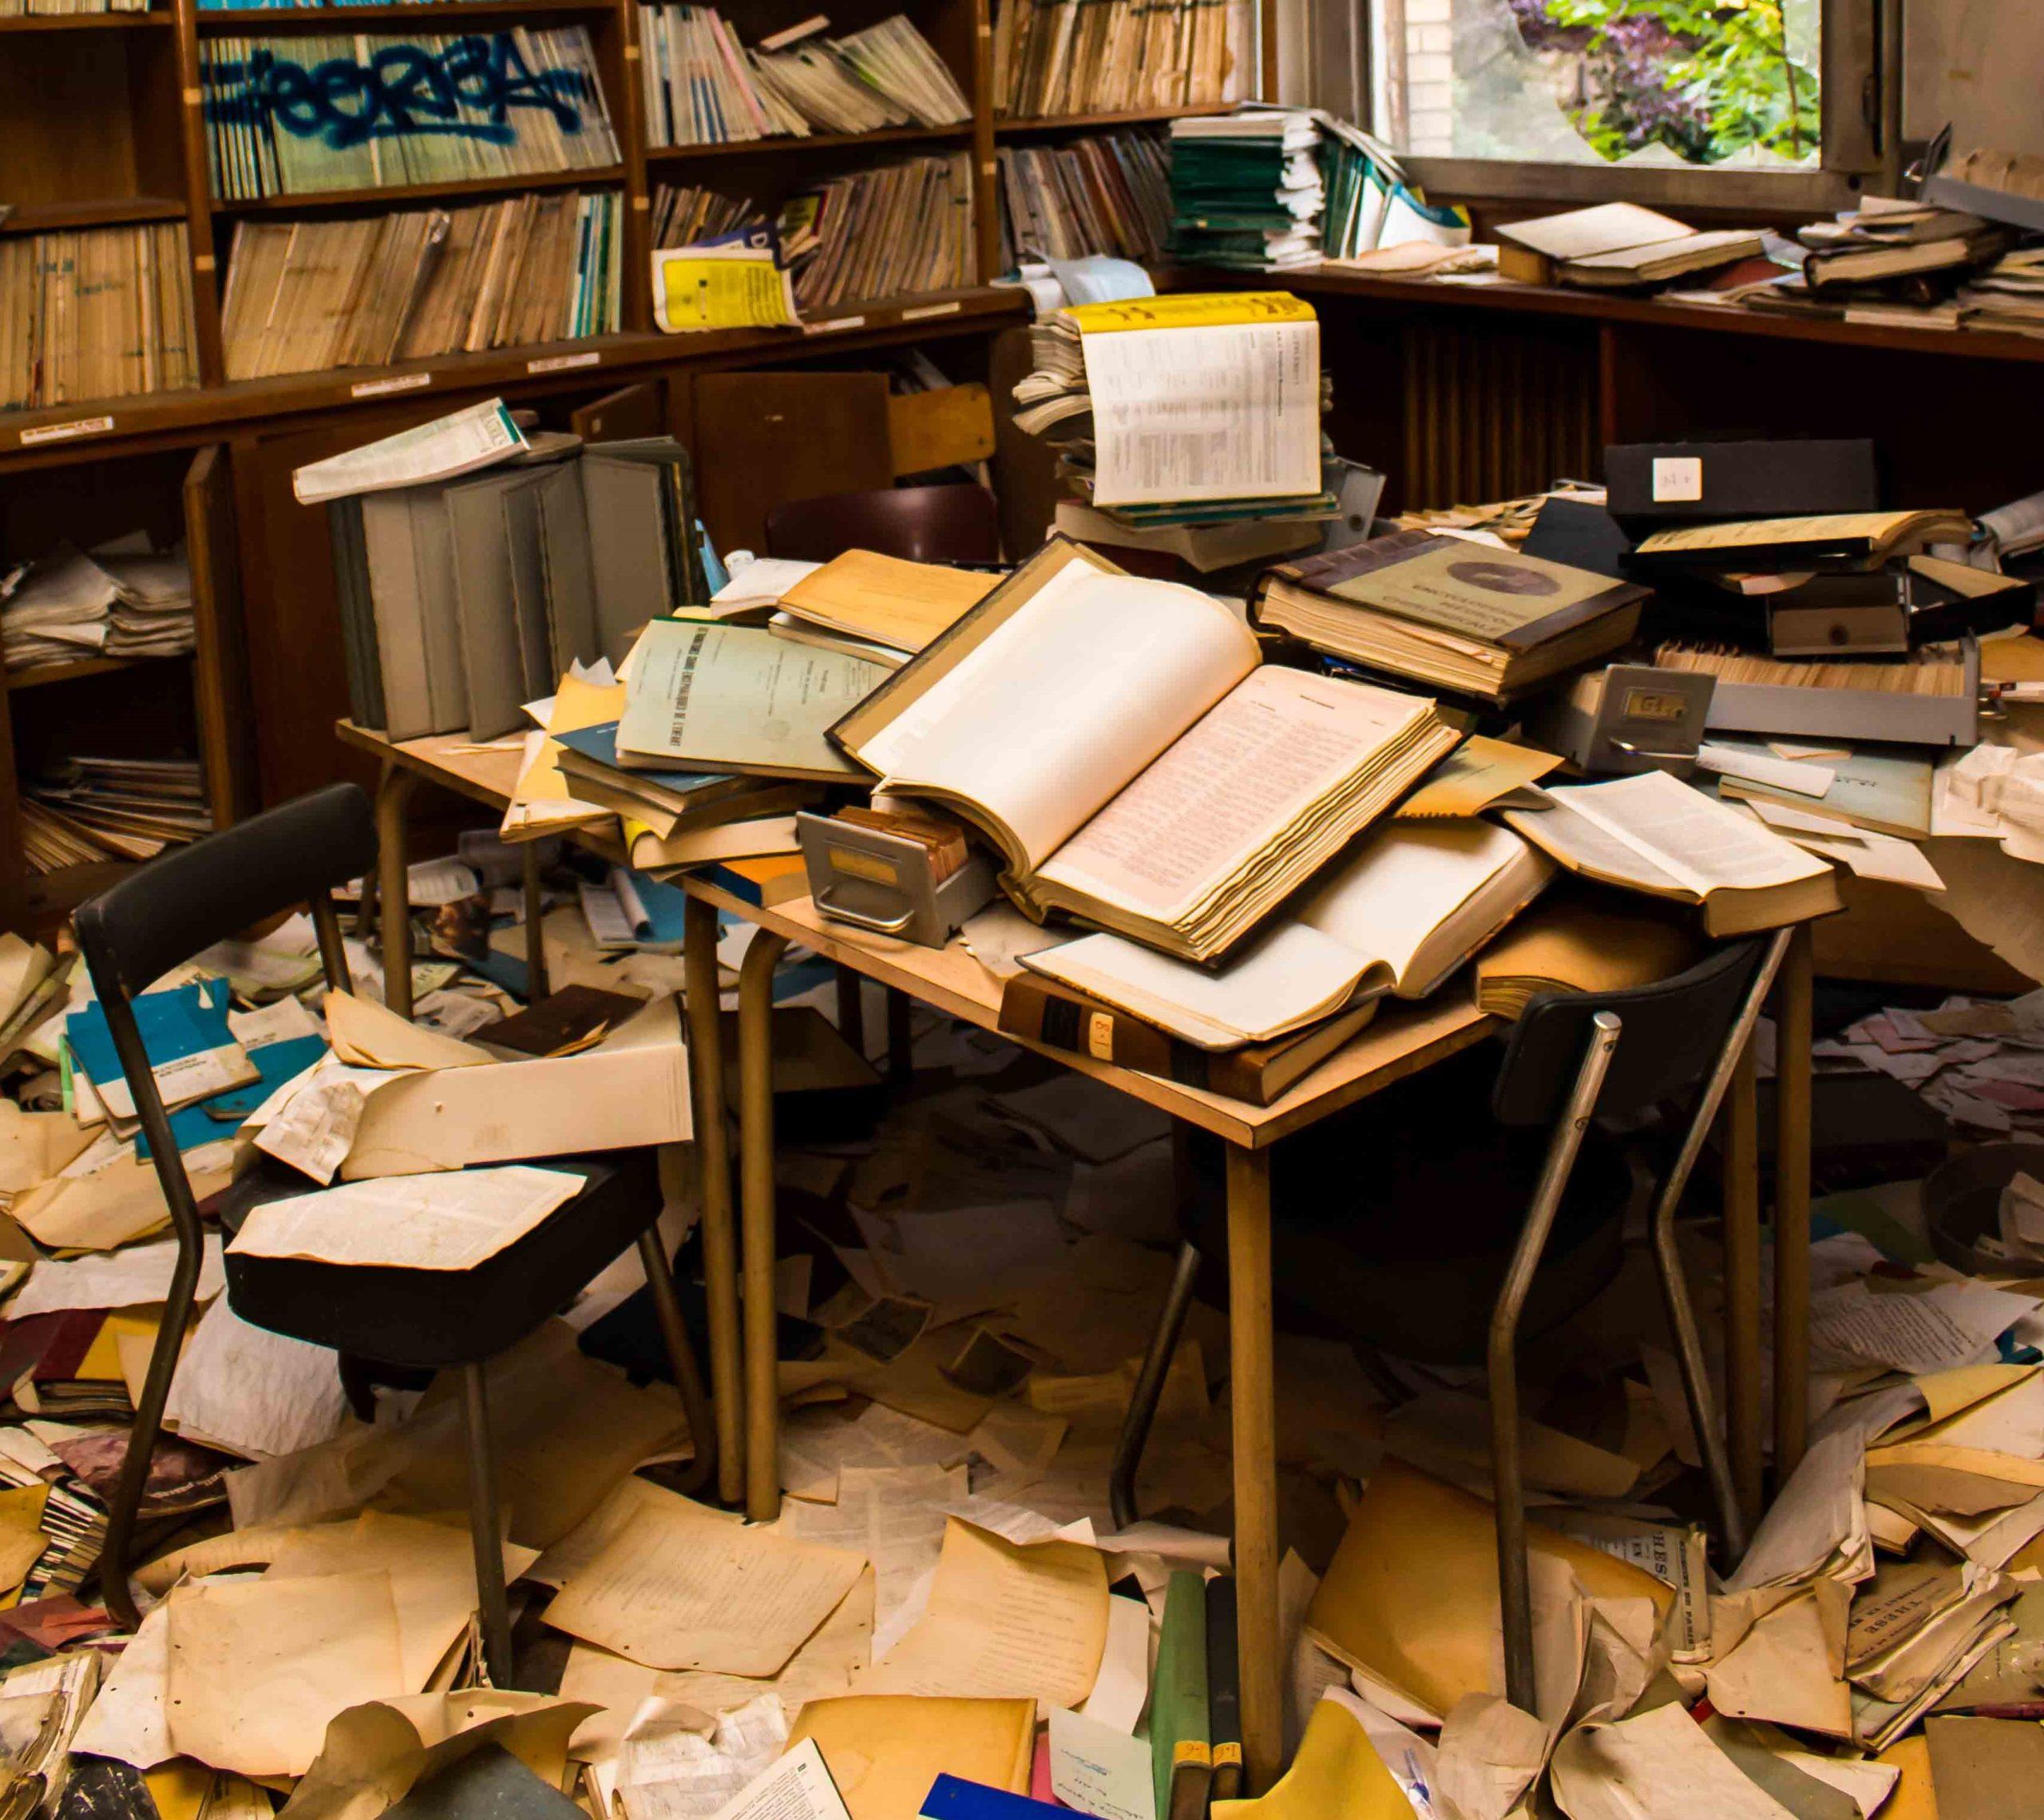 bibliothèque abandonnée